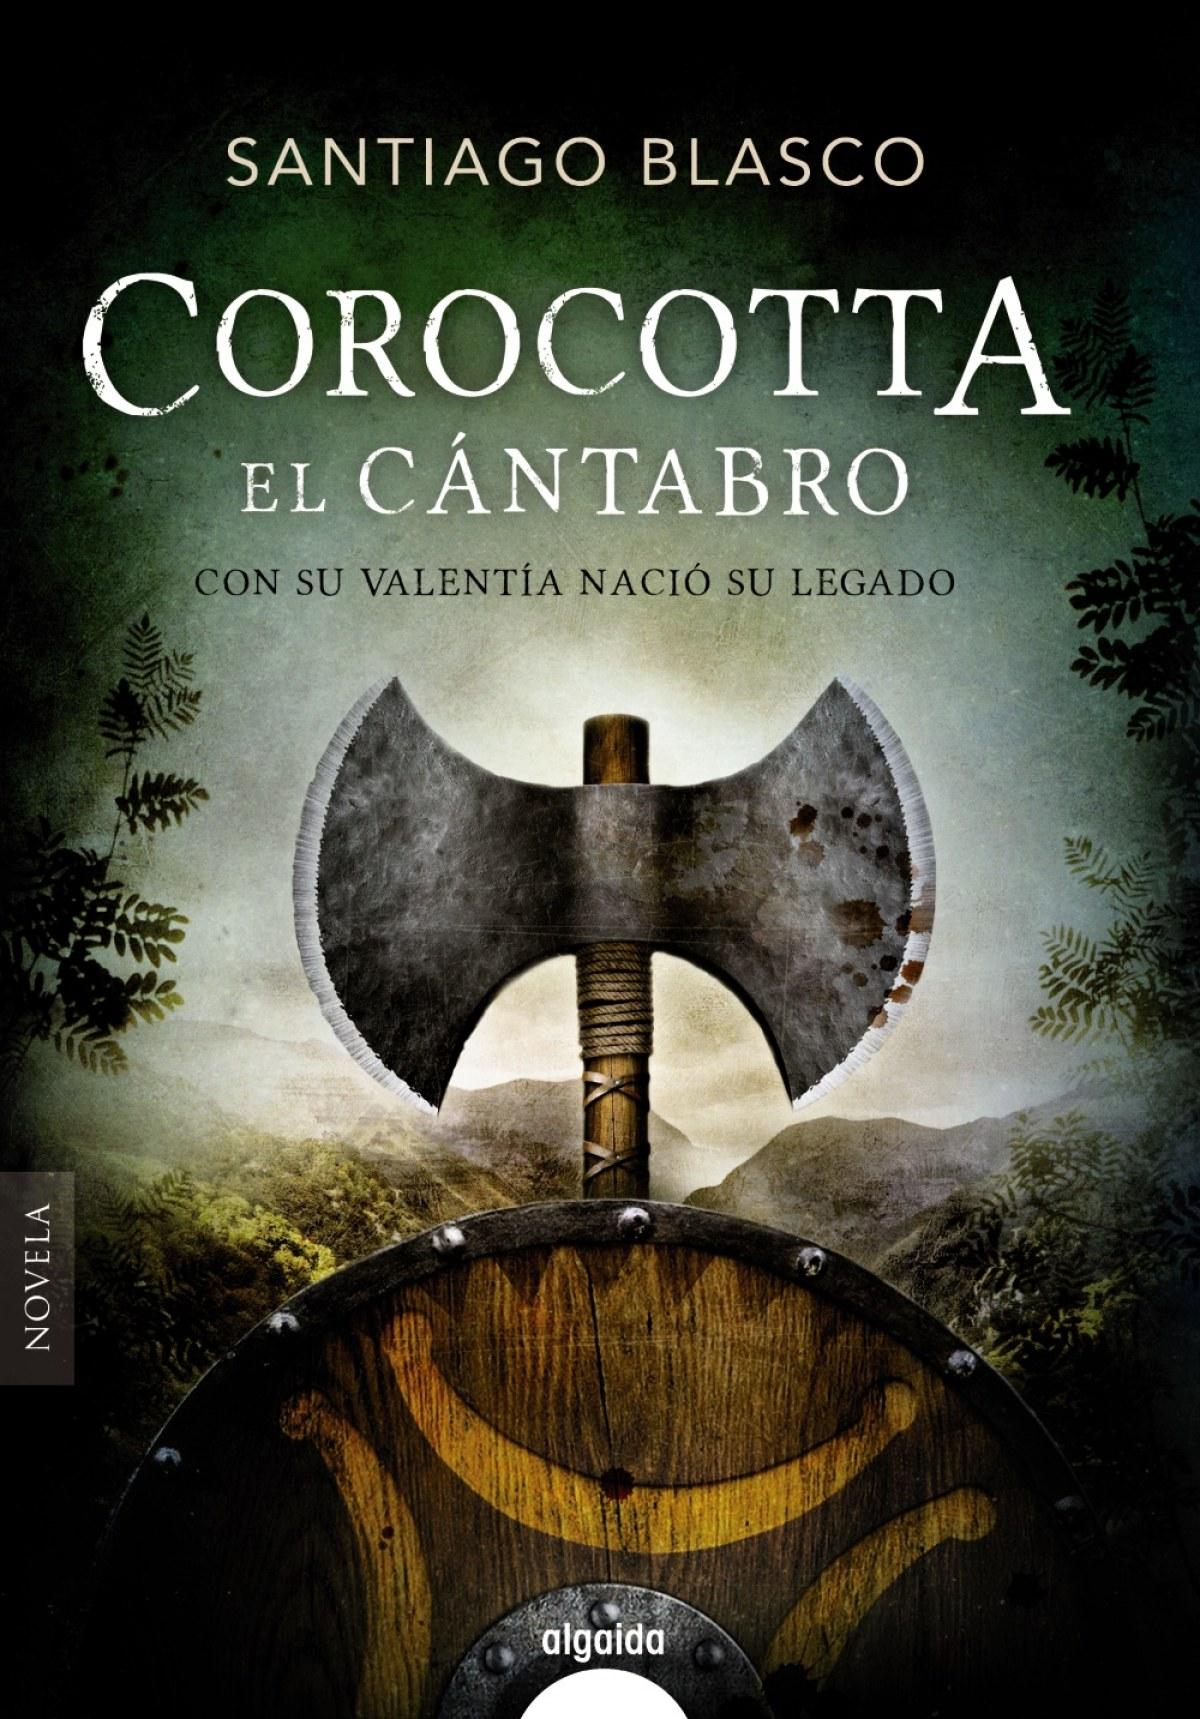 COROCOTTA, EL CÁNTABRO 9788490678398